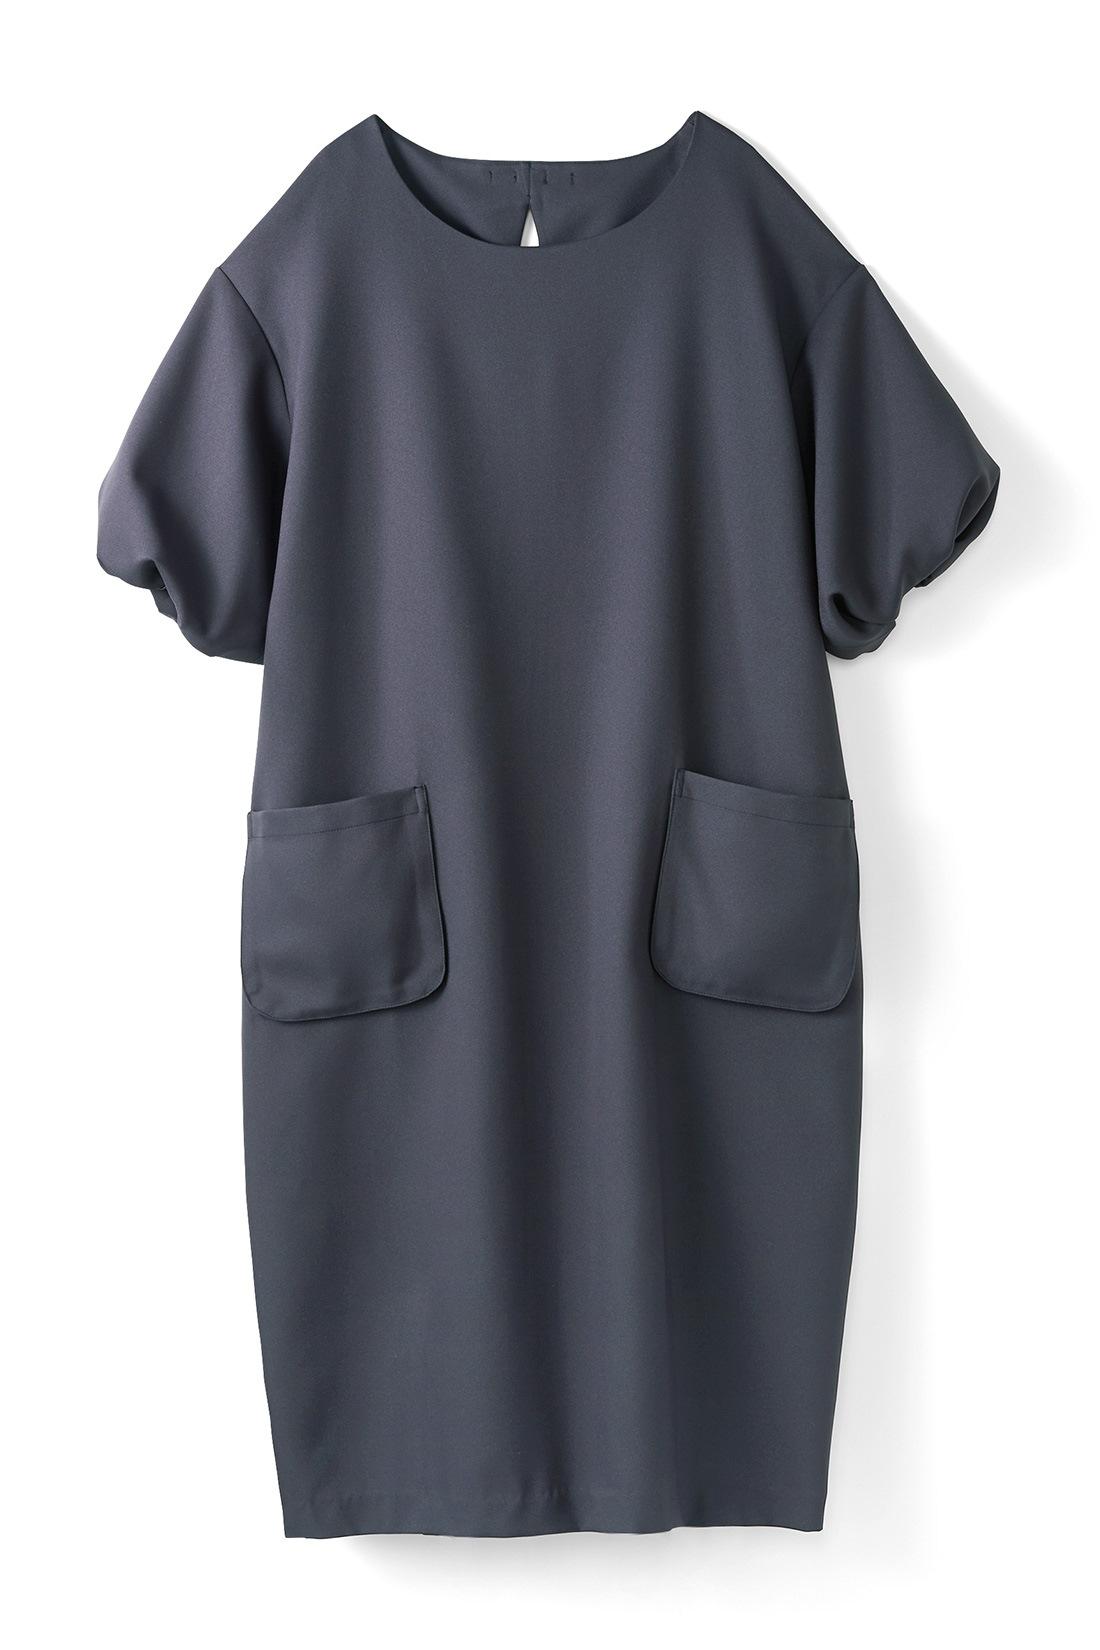 【グレー】 バルーンみたいにふくらんだ袖がいい感じ。コクーンシルエットは、からだのラインを隠してくれるので着やせ効果◎。